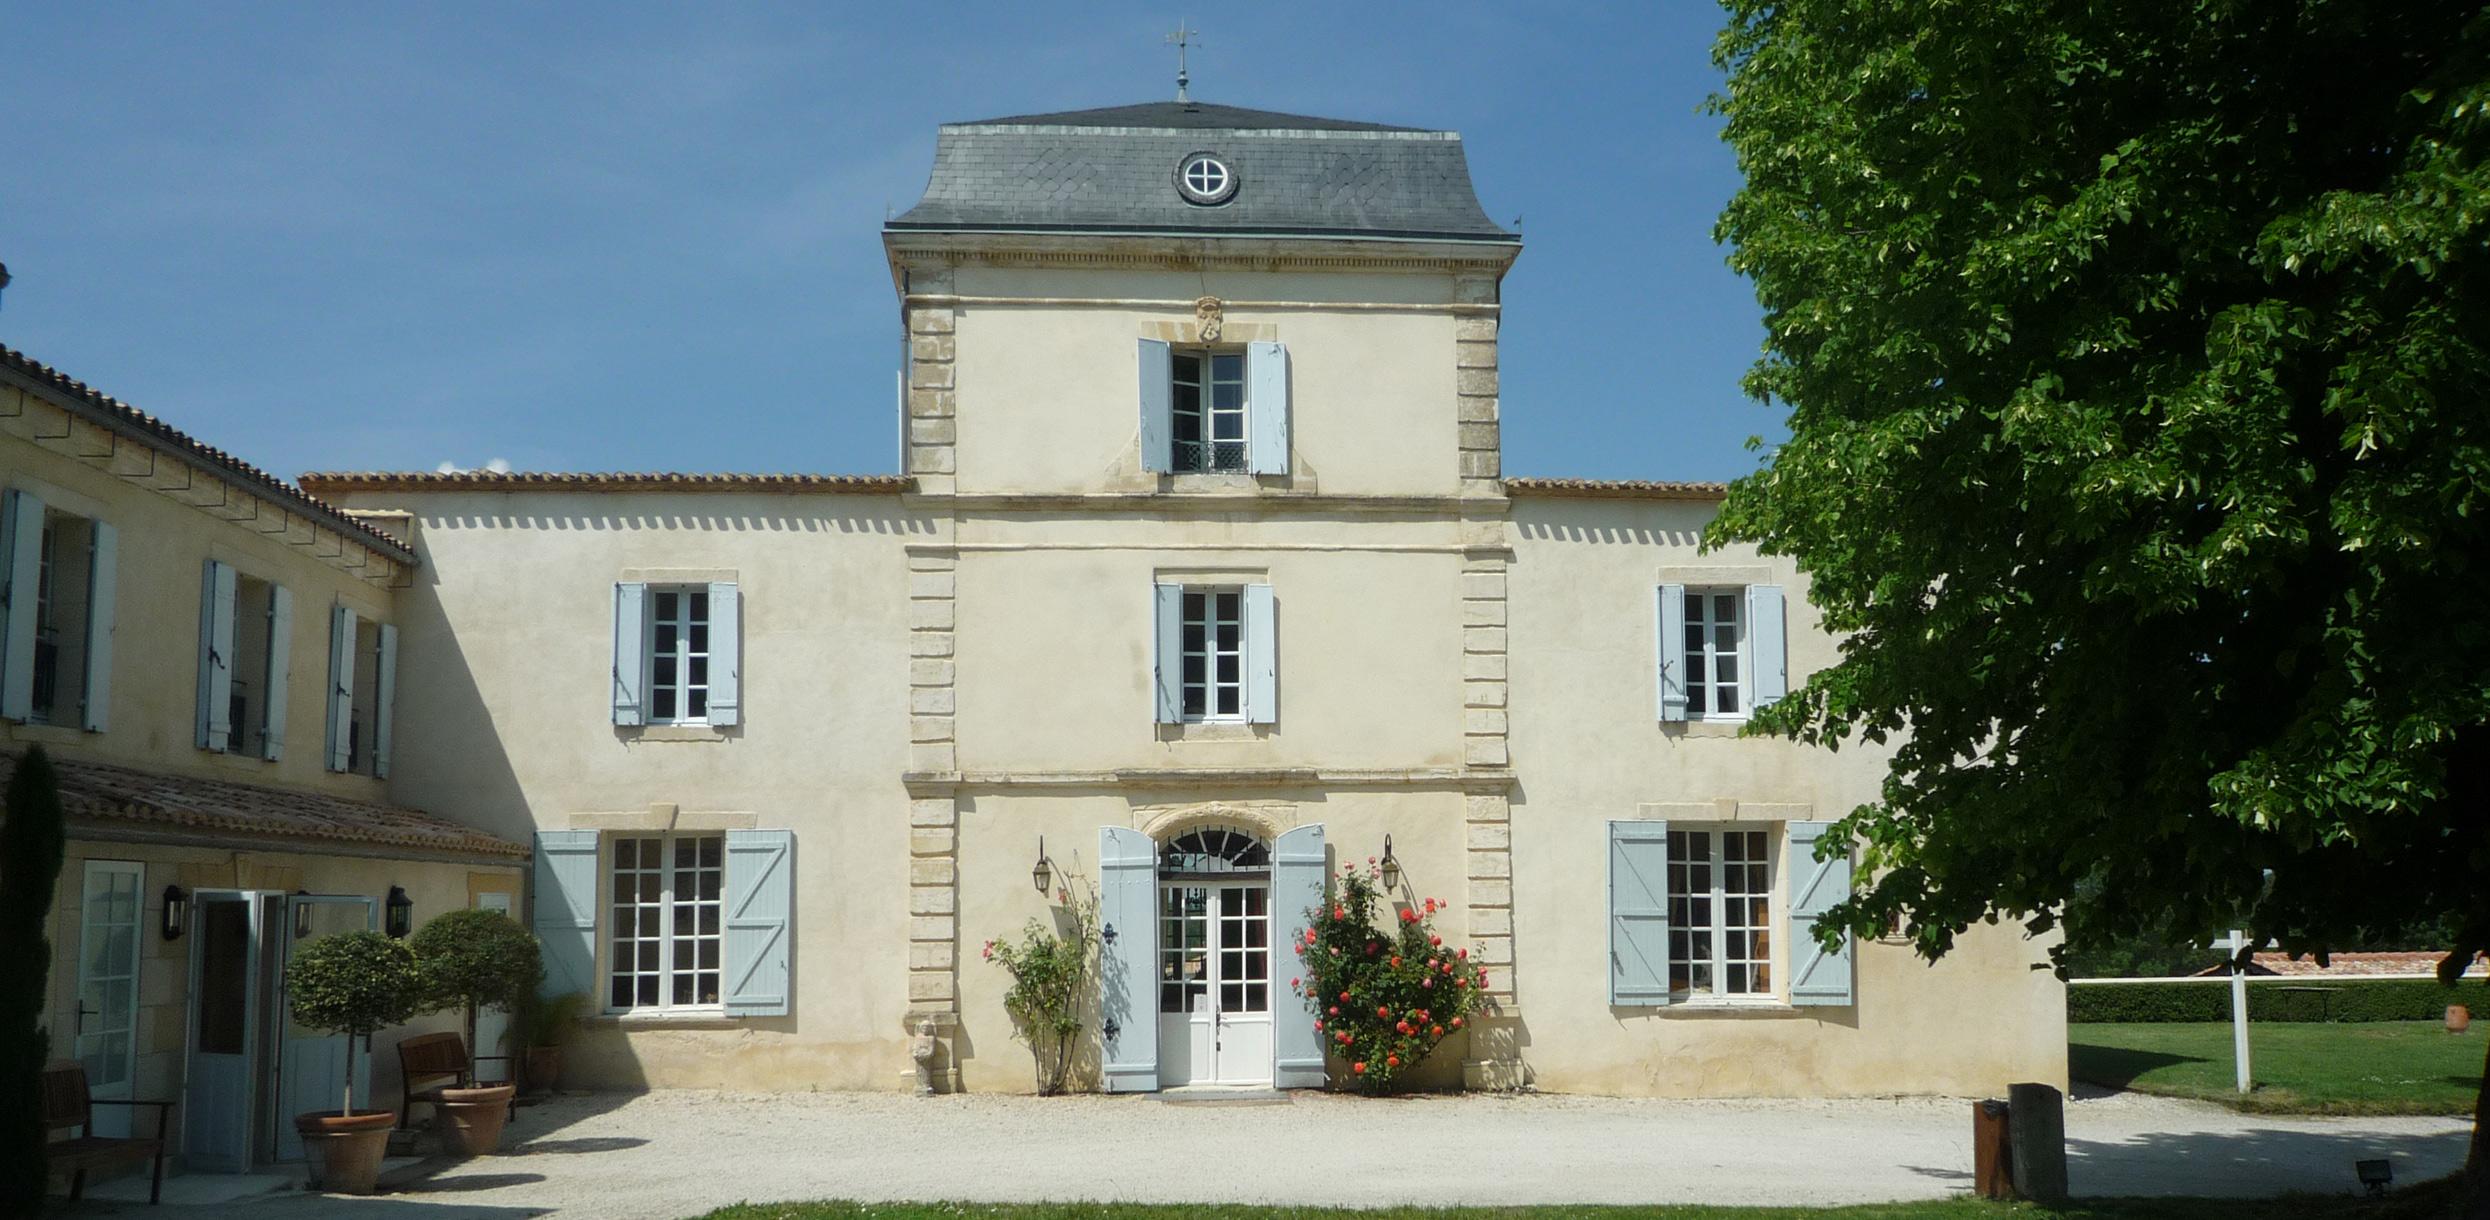 Entrance of the Château de Lantic